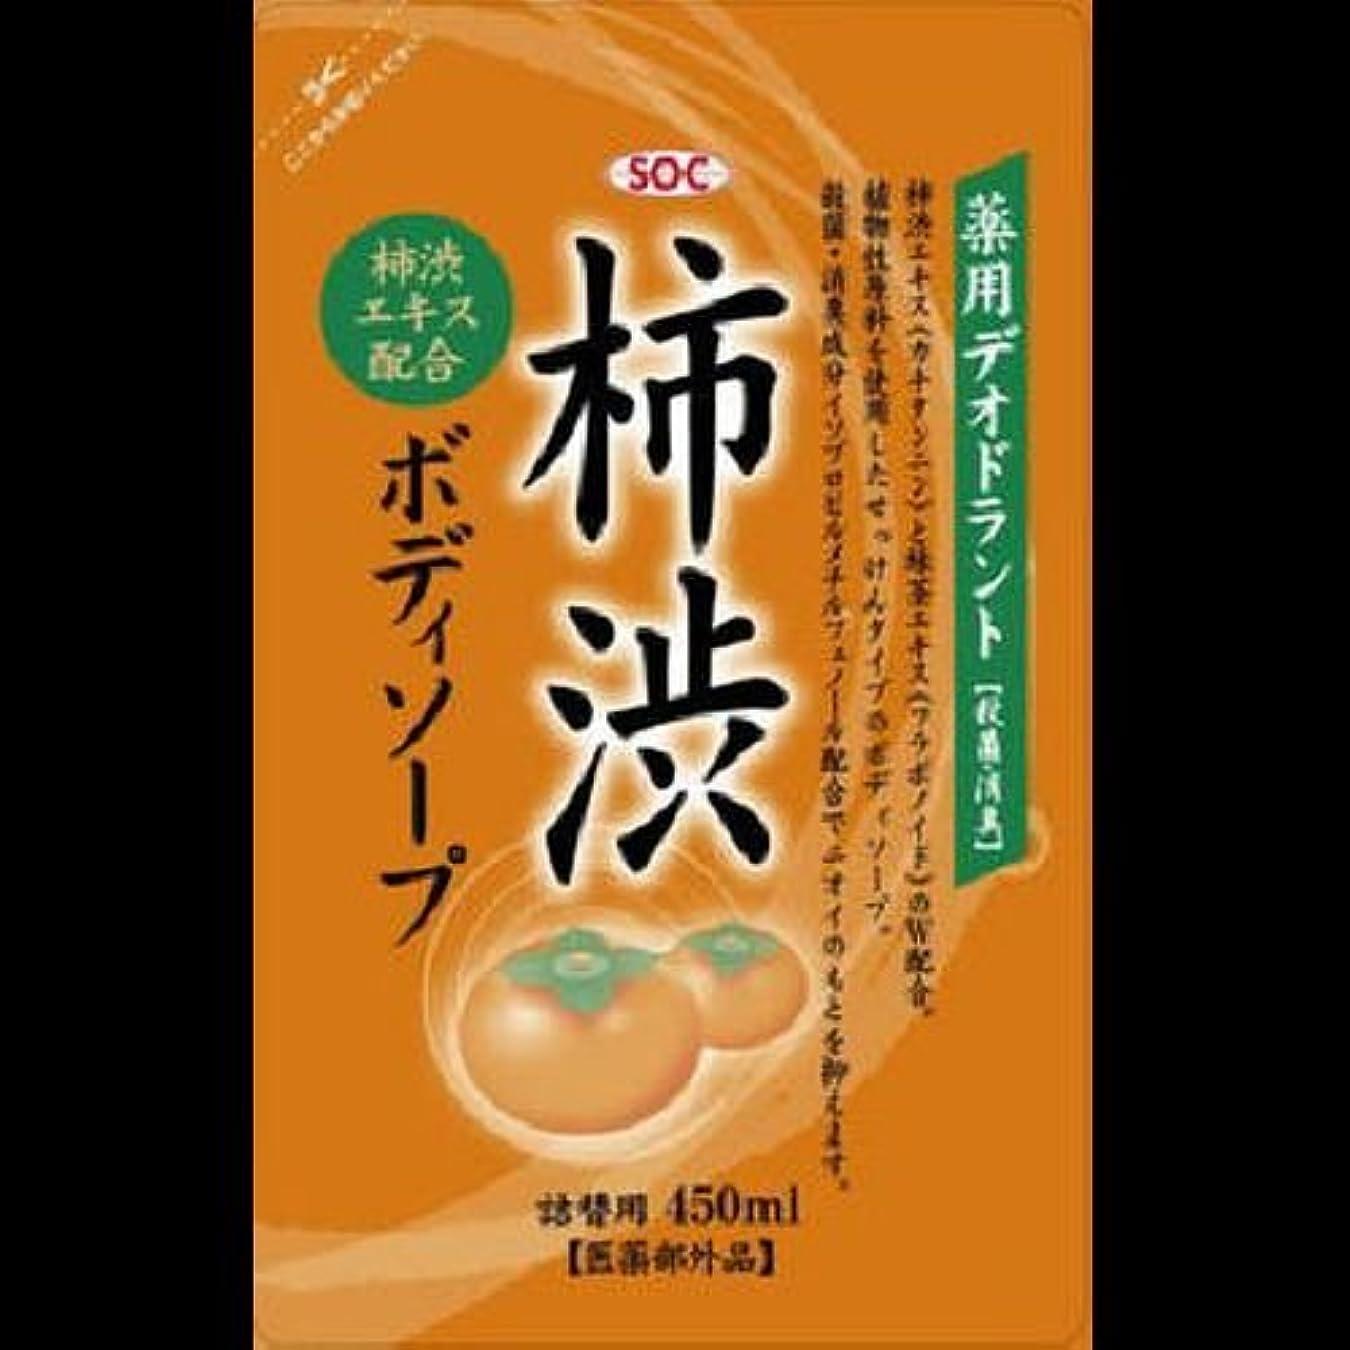 端末買い手ご意見SOC 薬用柿渋ボディソープ 詰替 450ml ×2セット